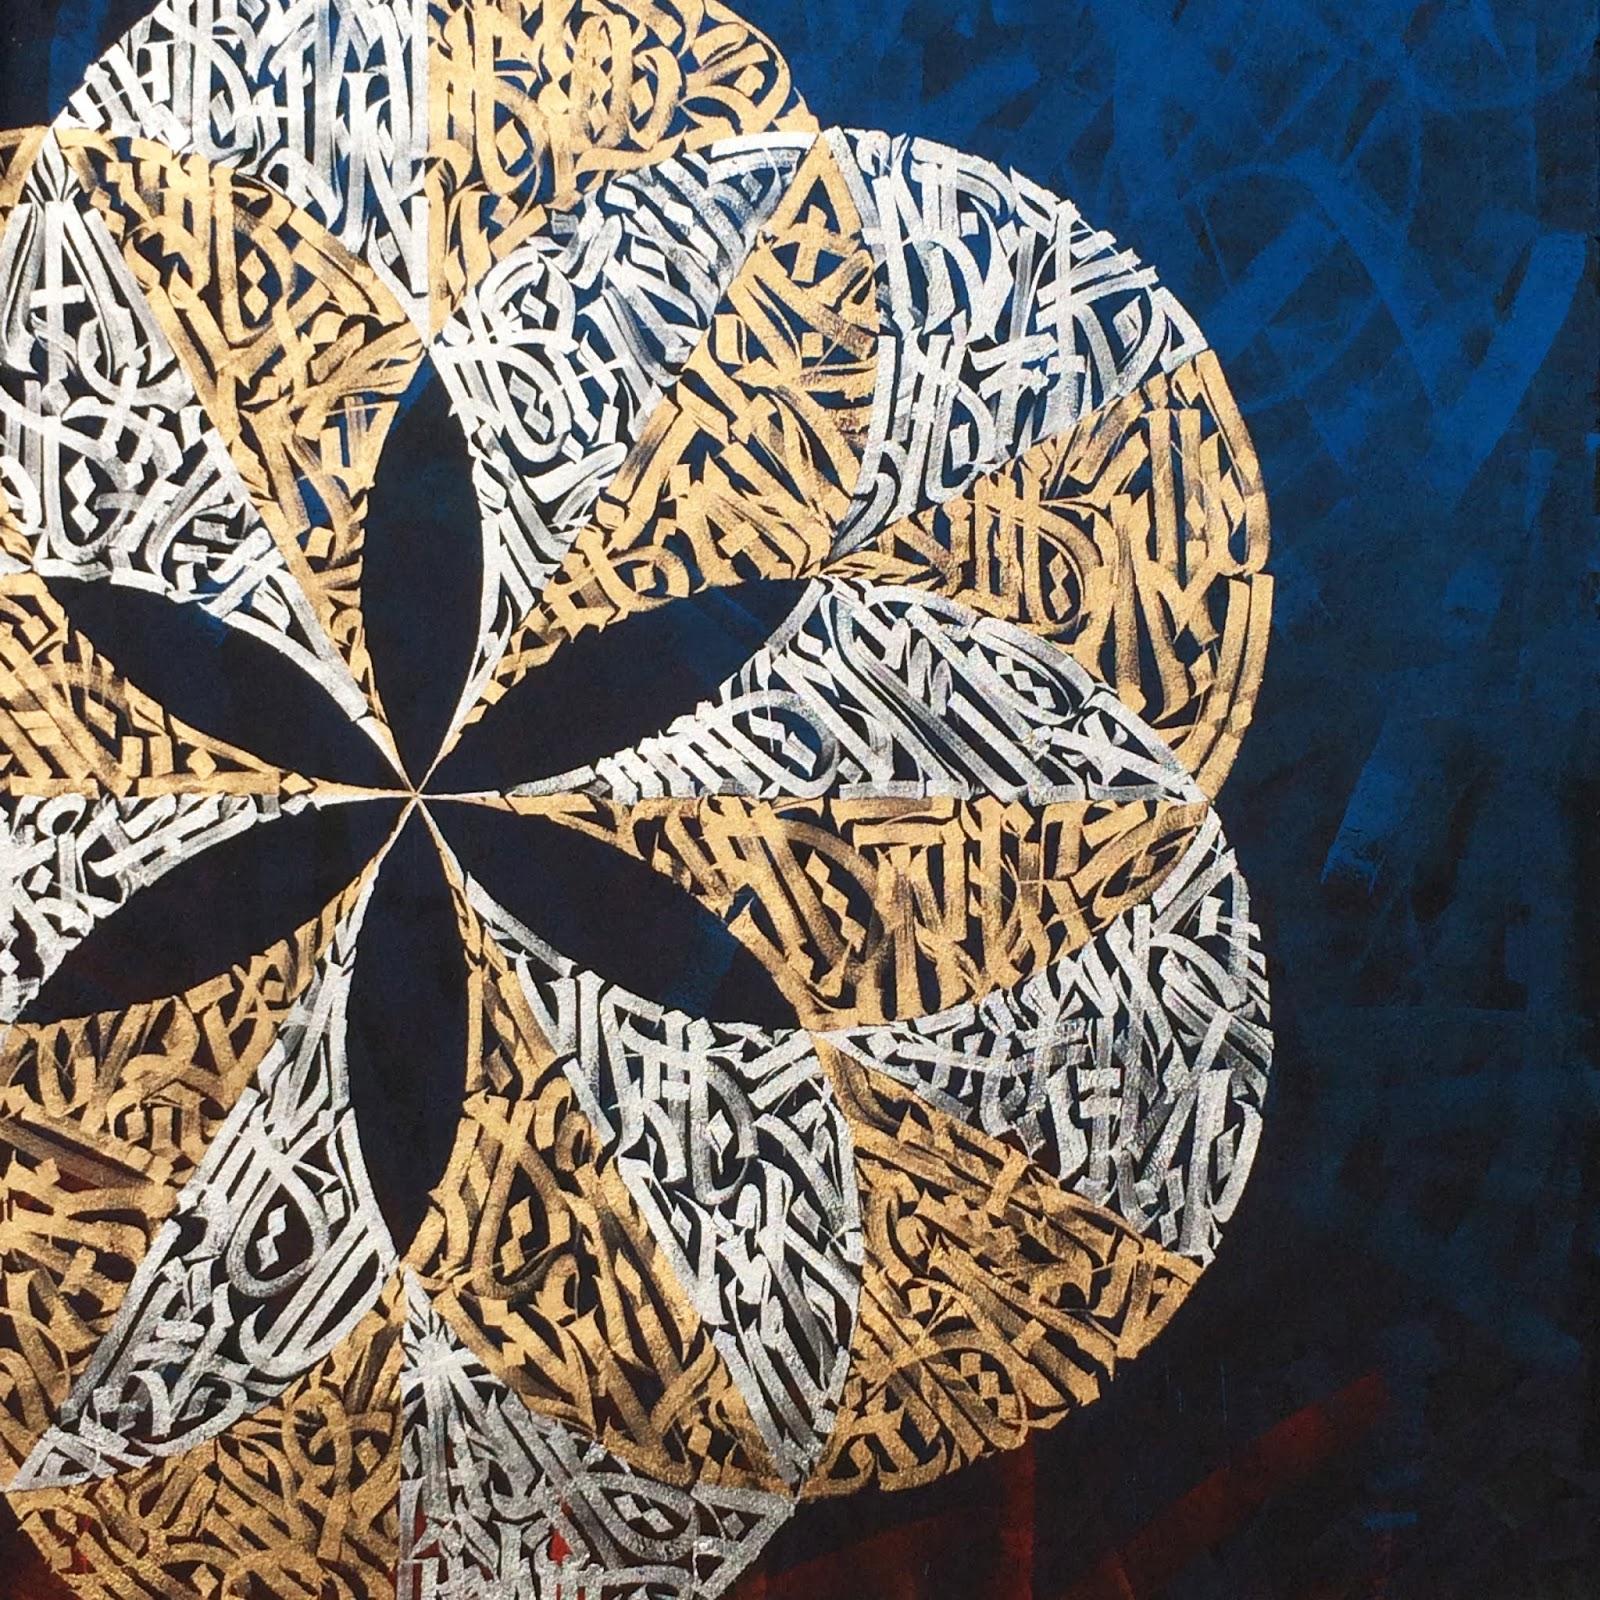 Caligrafia y murales, Said Dokins sobre el cambio climático en Londres